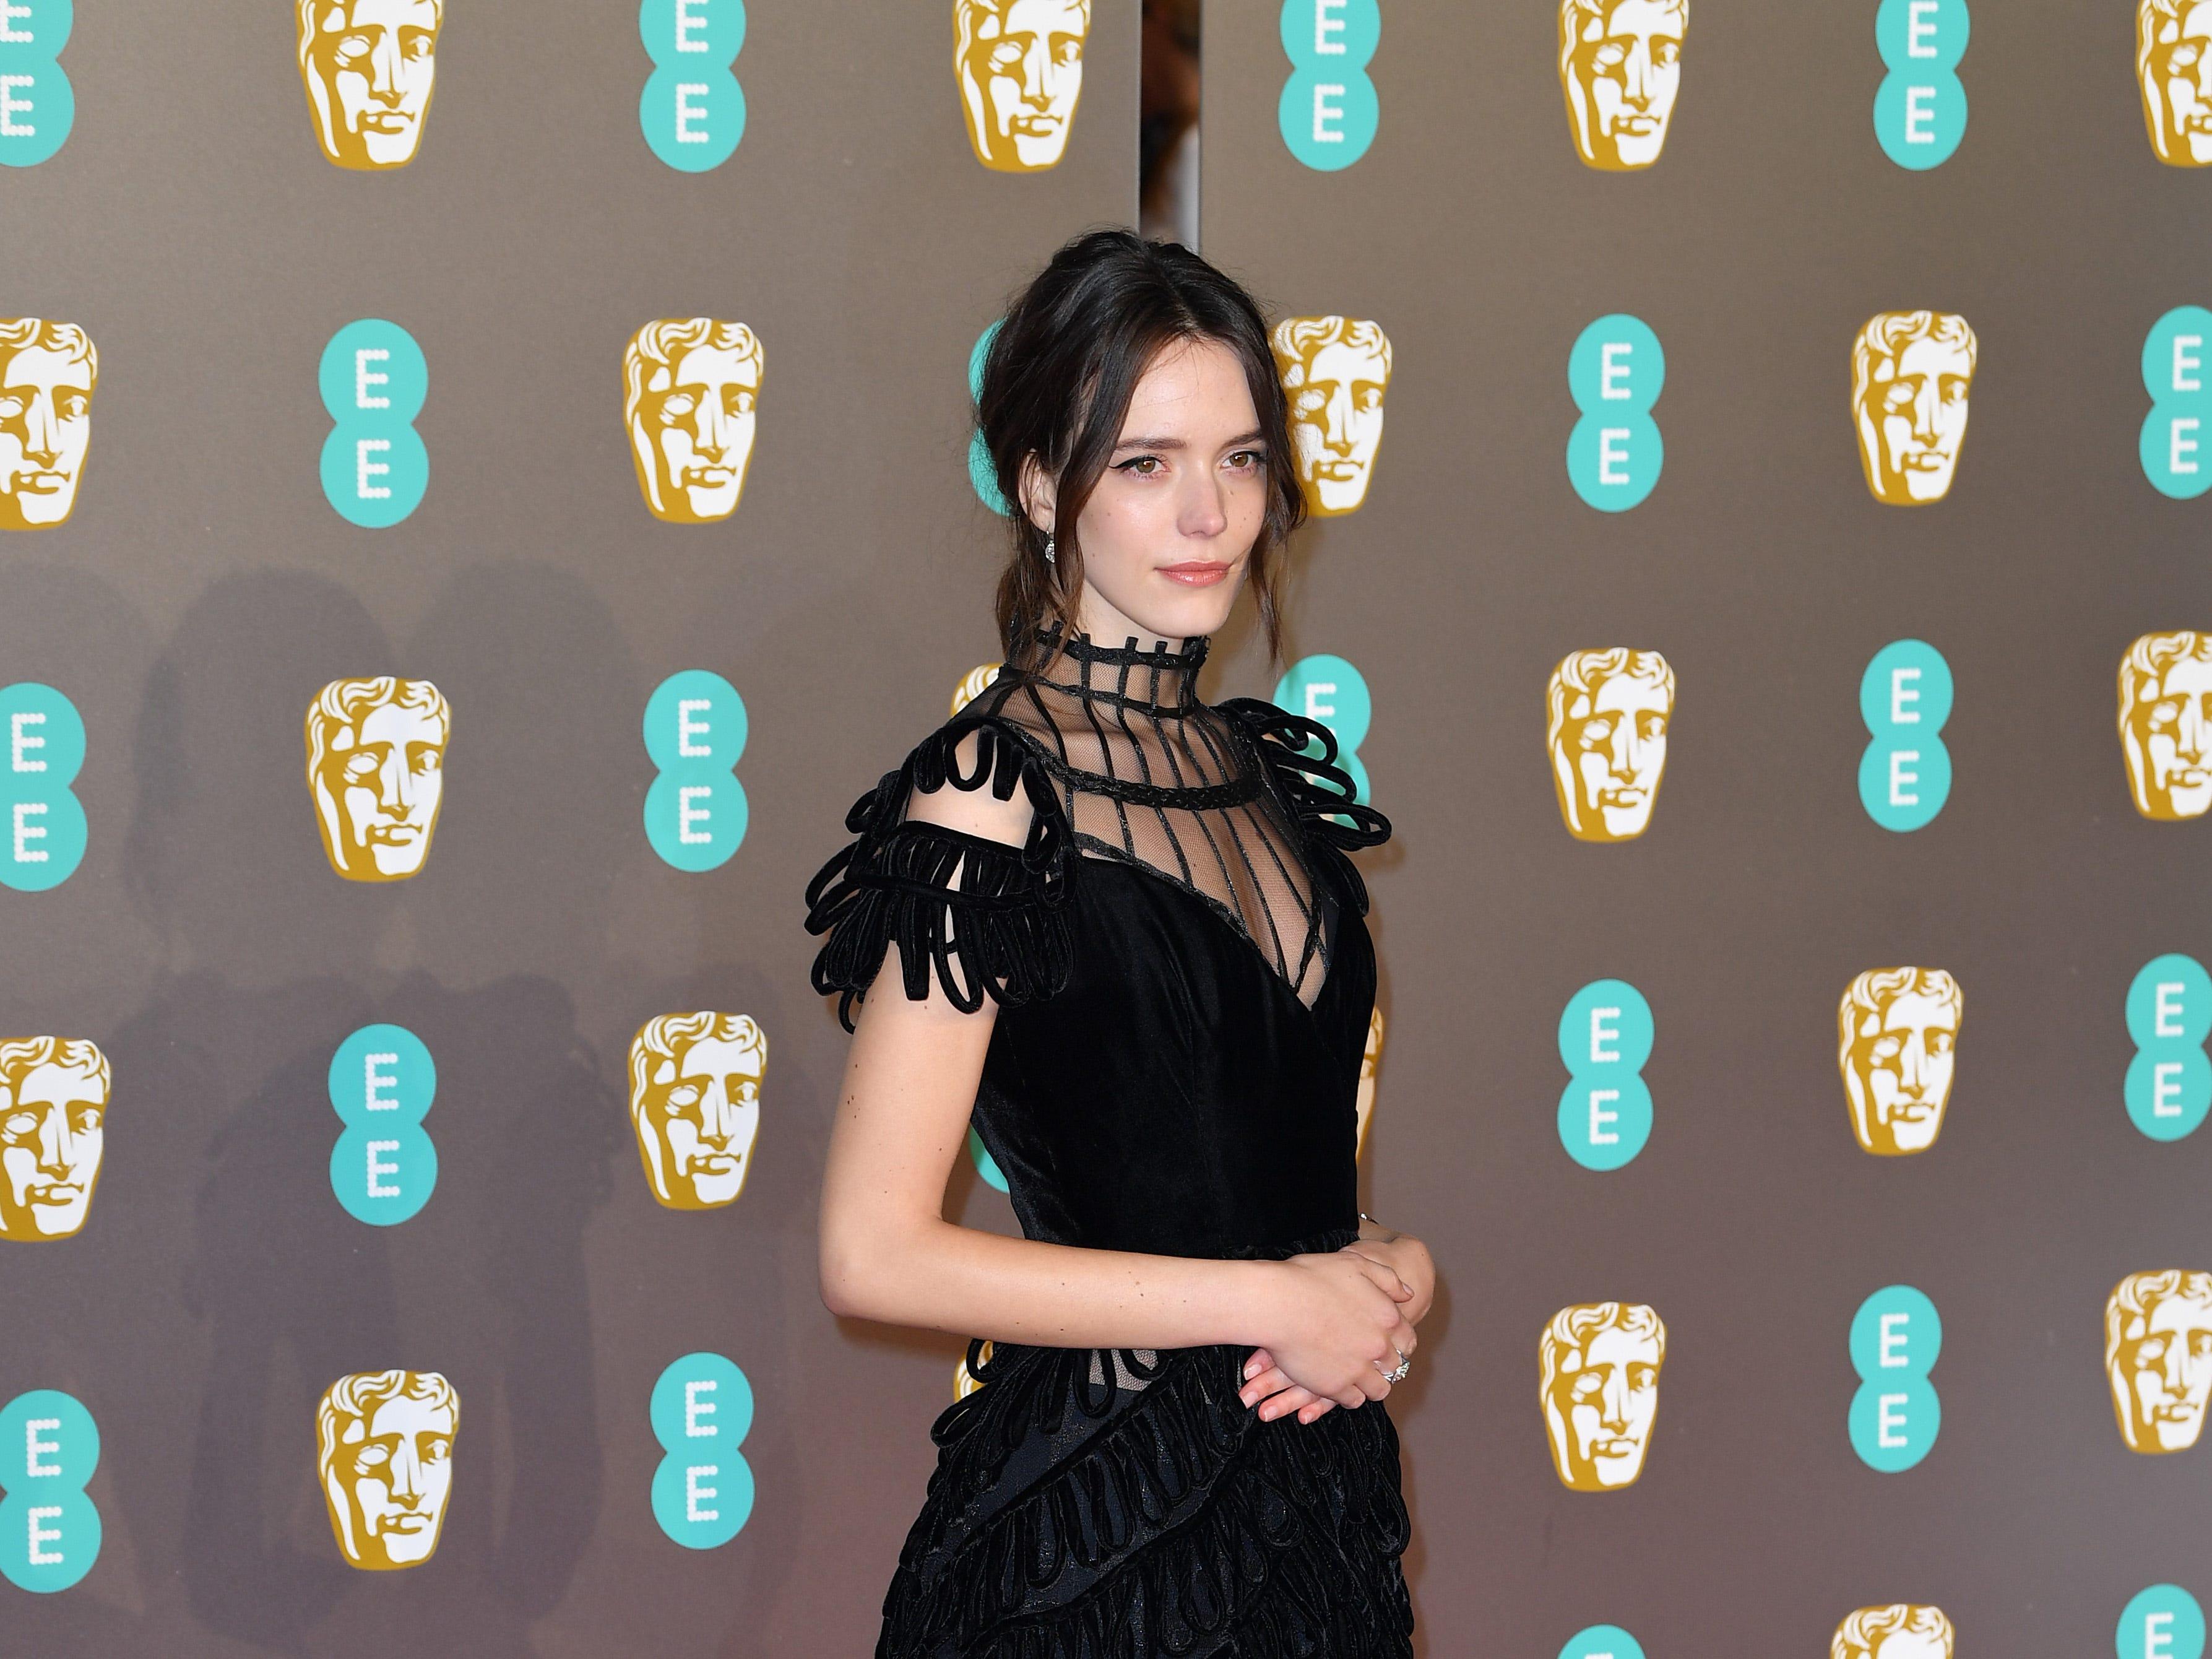 Stacy Martin a su llegada a la alfombra roja de los Premios de la Academia Británica de Cine BAFTA en el Royal Albert Hall en Londres el 10 de febrero de 2019.